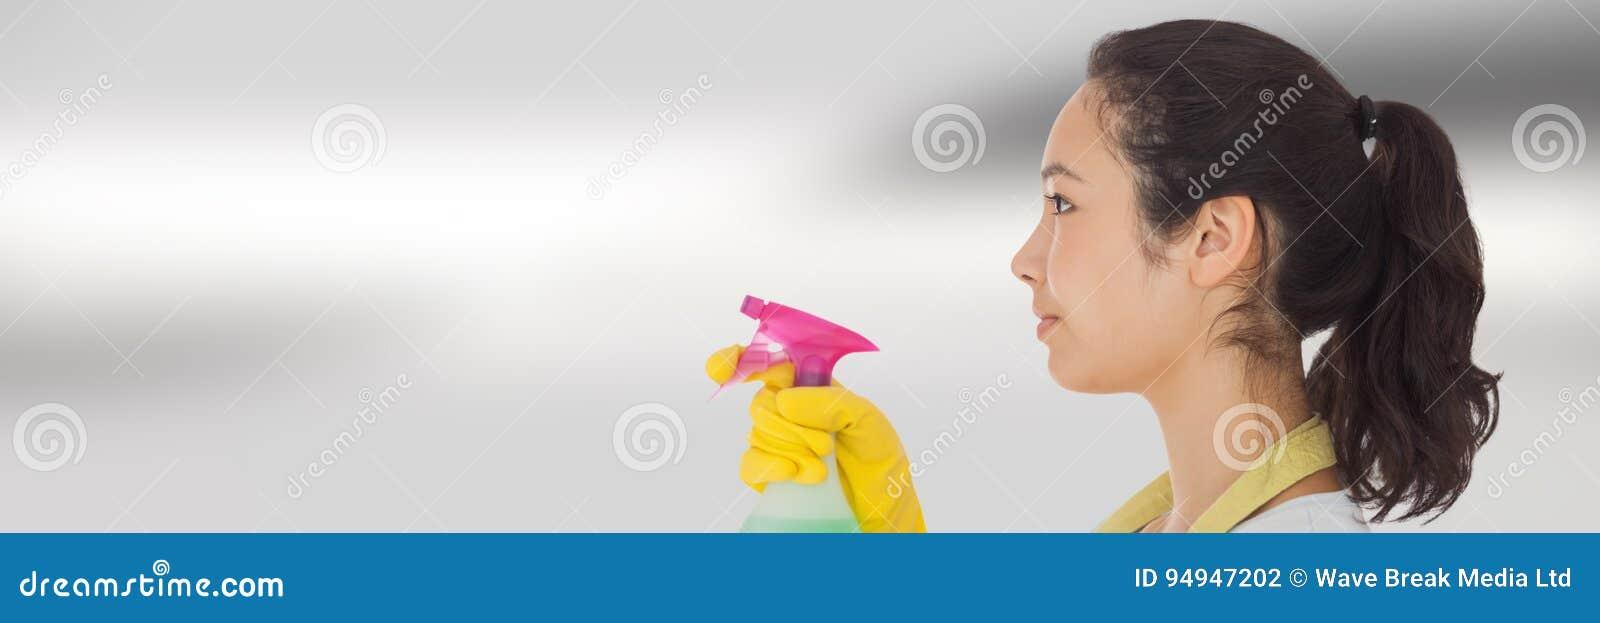 Reinigingsmachine met nevel met heldere achtergrond